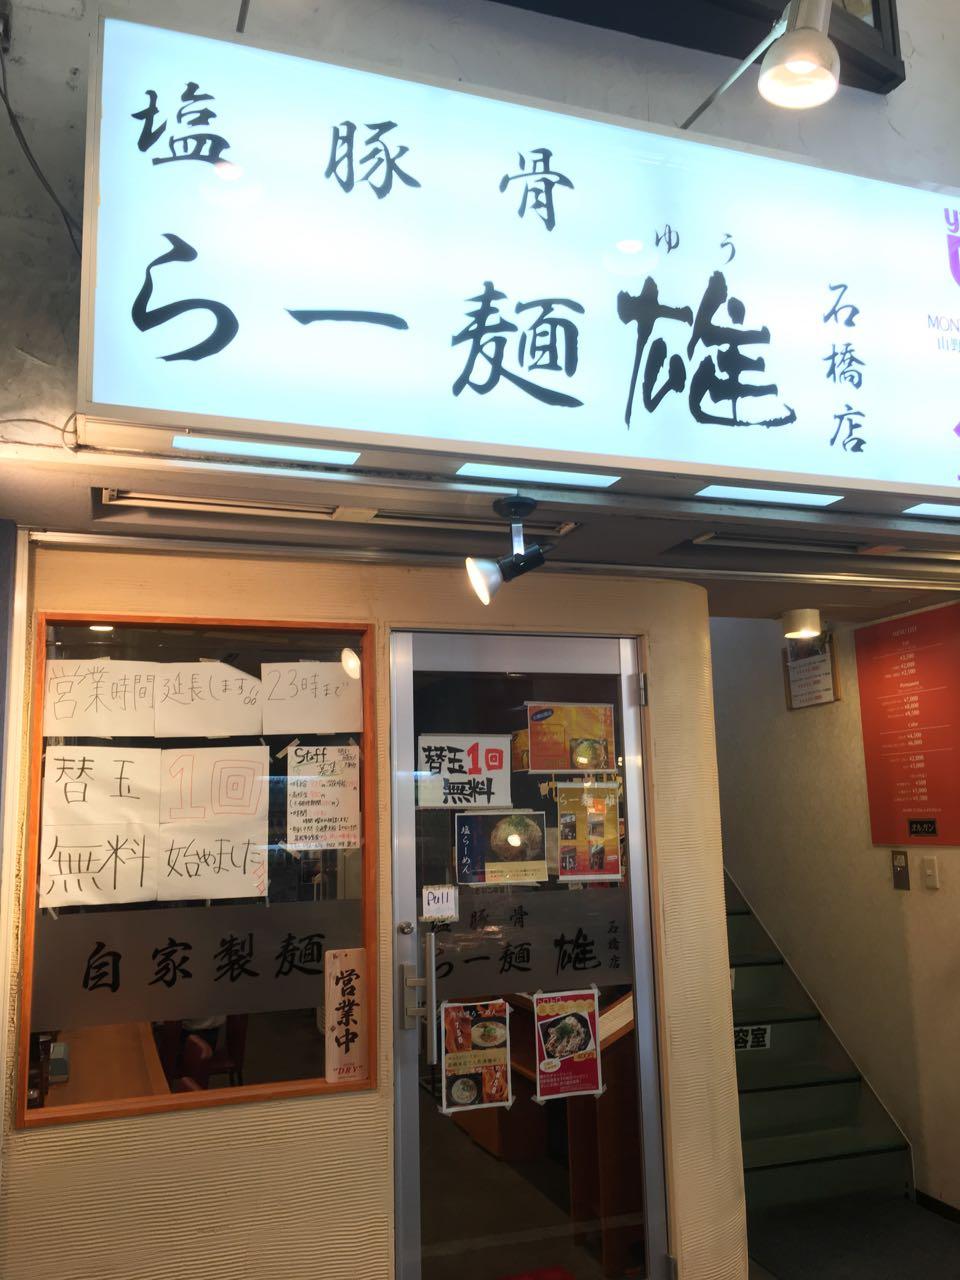 チャーシューコロコロ!塩豚骨 らー麺 雄(ユウ) 石橋店